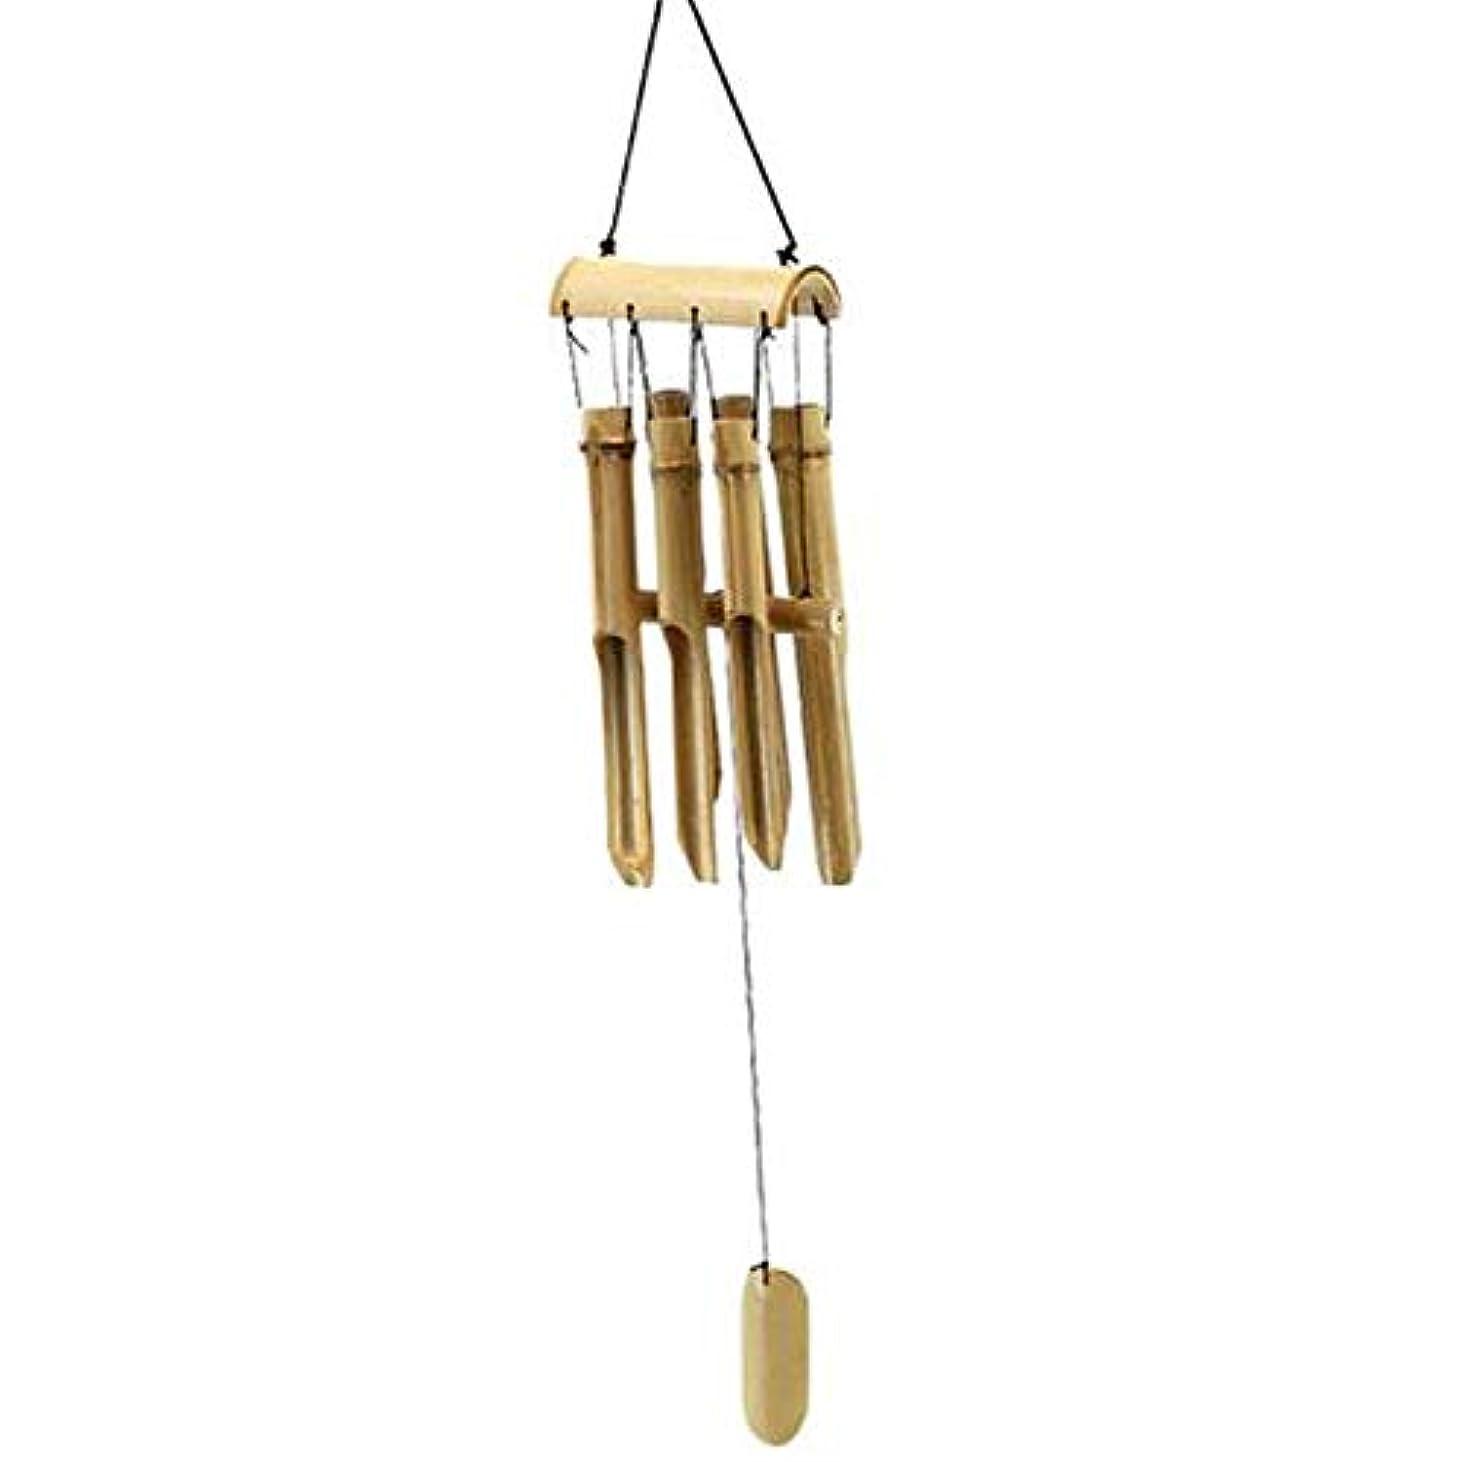 ダニ湿度アルプスHongyuantongxun 風チャイム、中国のスタイルヴィンテージ手作りの竹風チャイム、ブラウン、全身について67CM、90CM,、装飾品ペンダント (Size : 90cm)